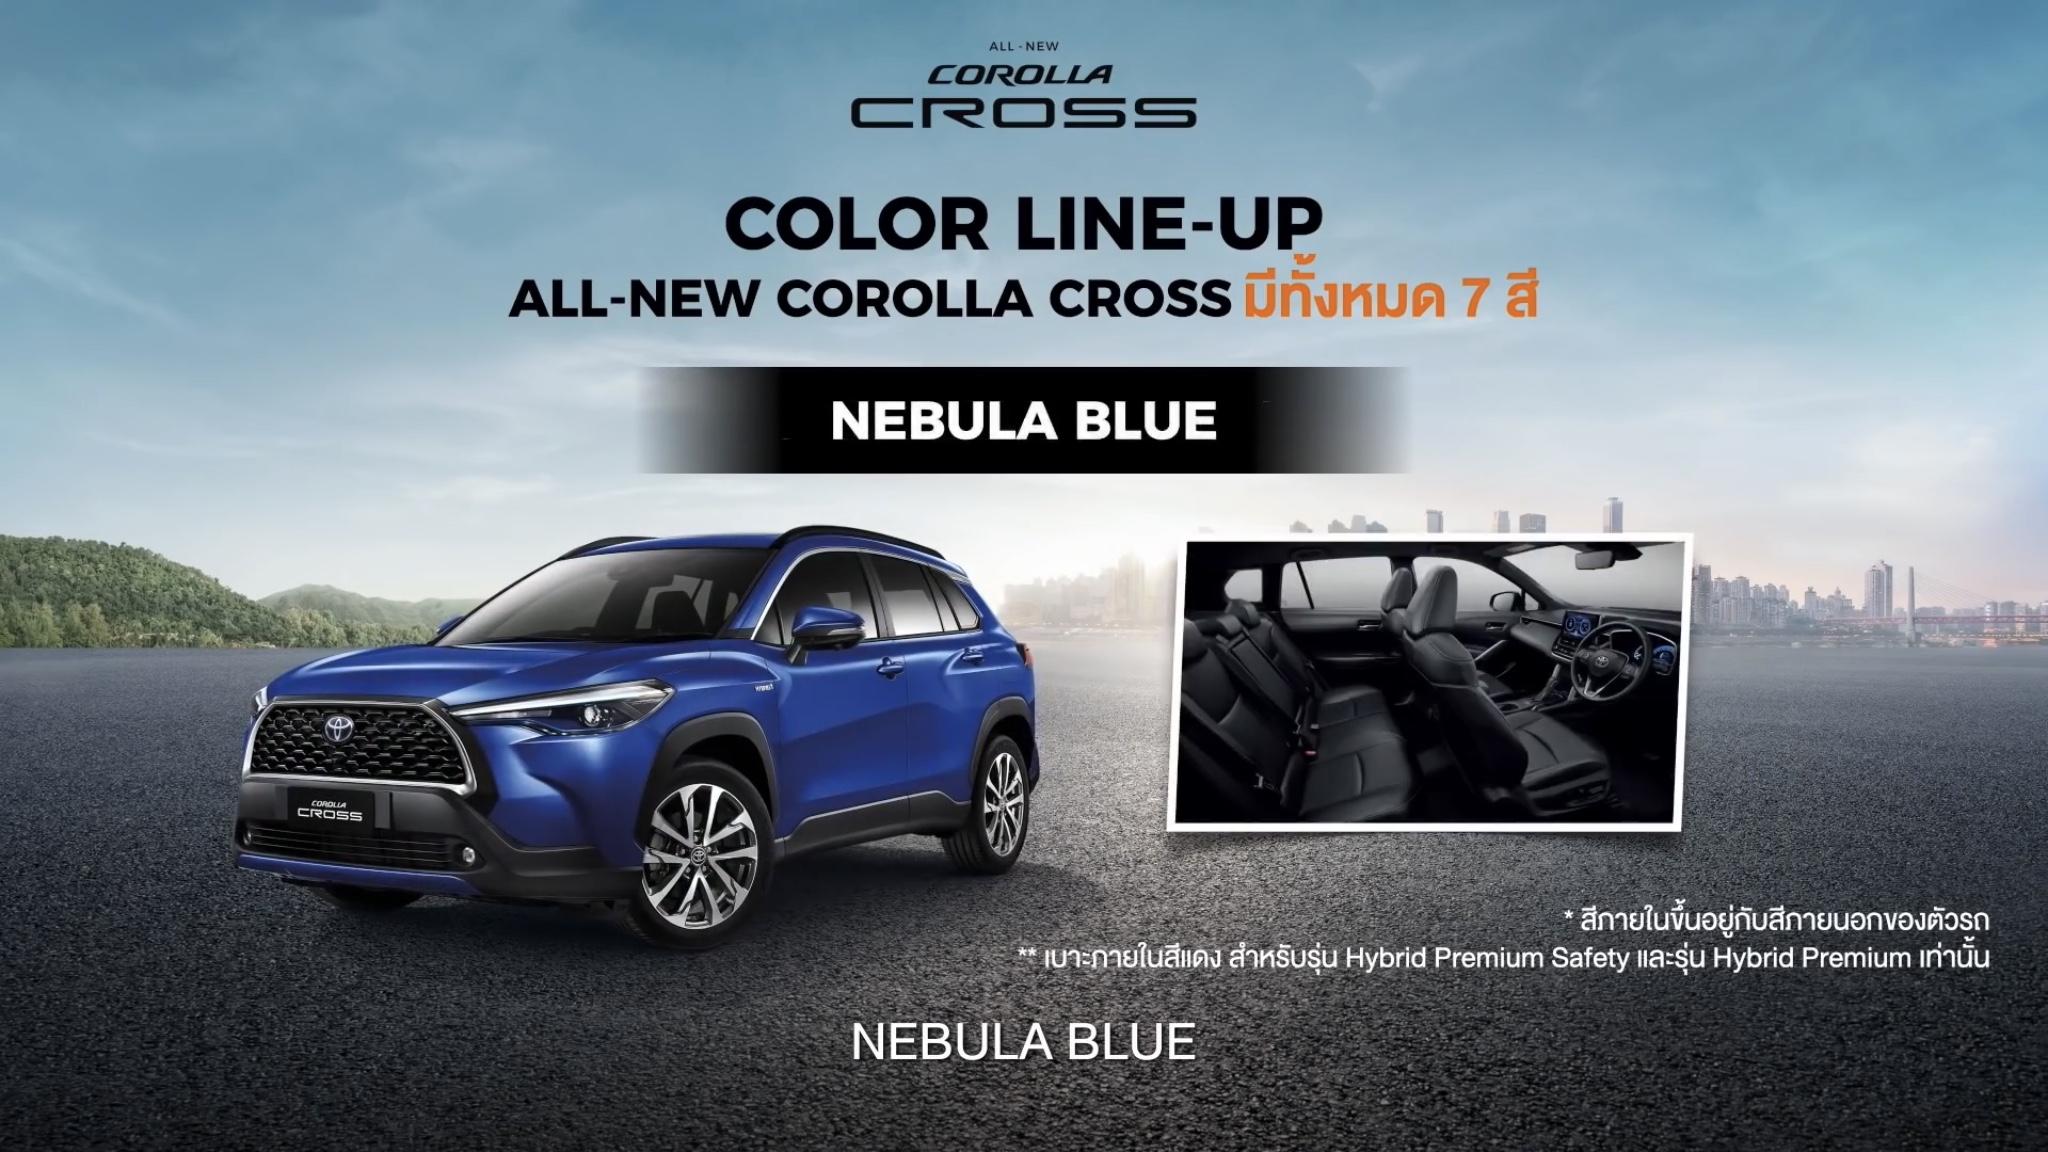 corolla cross-โคโรลล่า ครอส-สีรถ